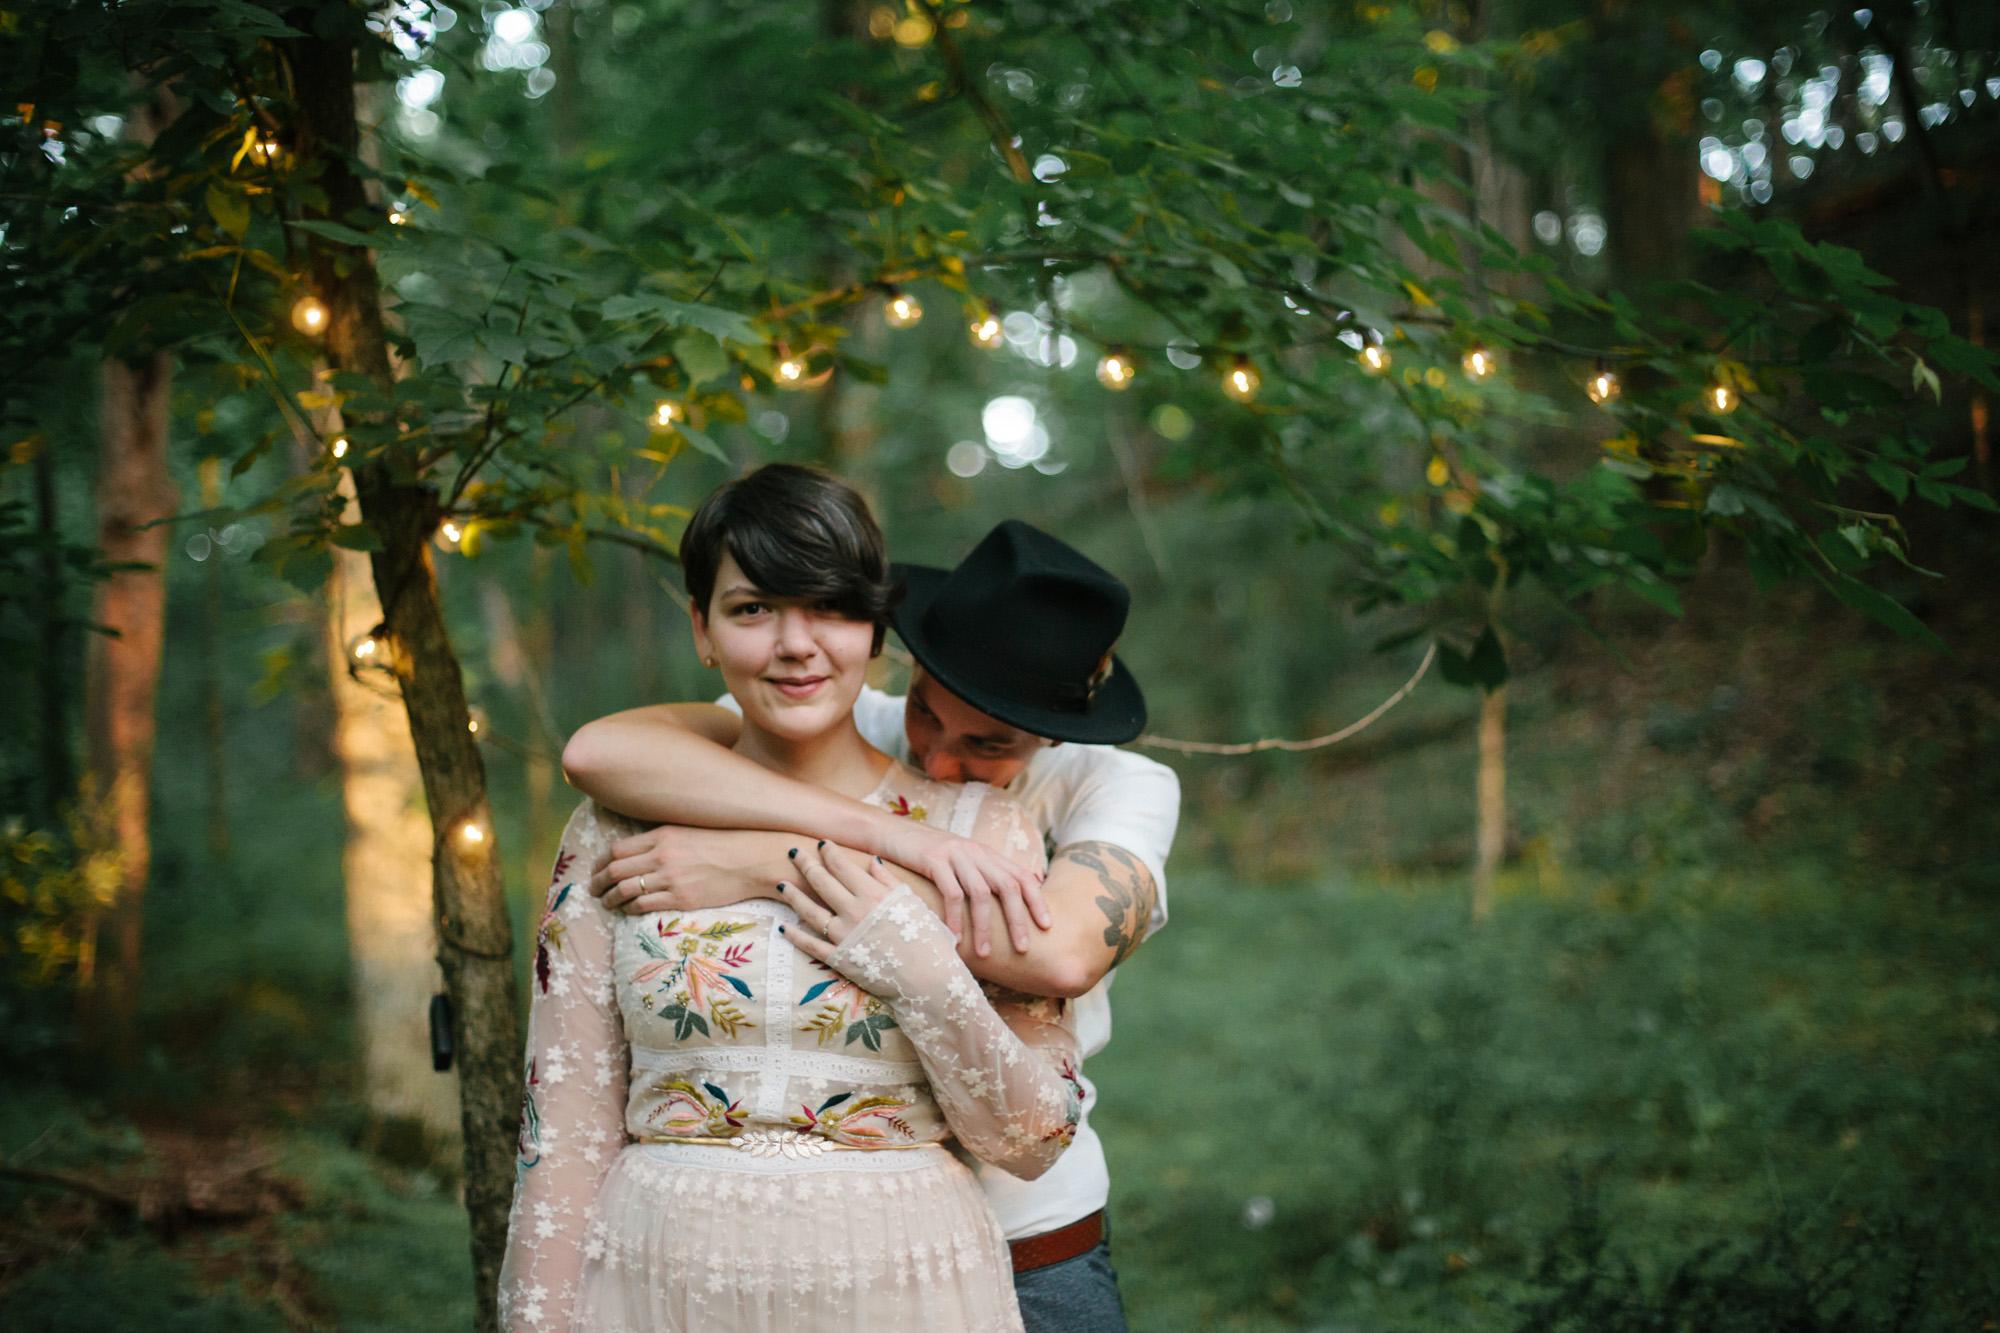 SarahMattozziPhotography-Elopement-CharlottesvilleVA-19.jpg